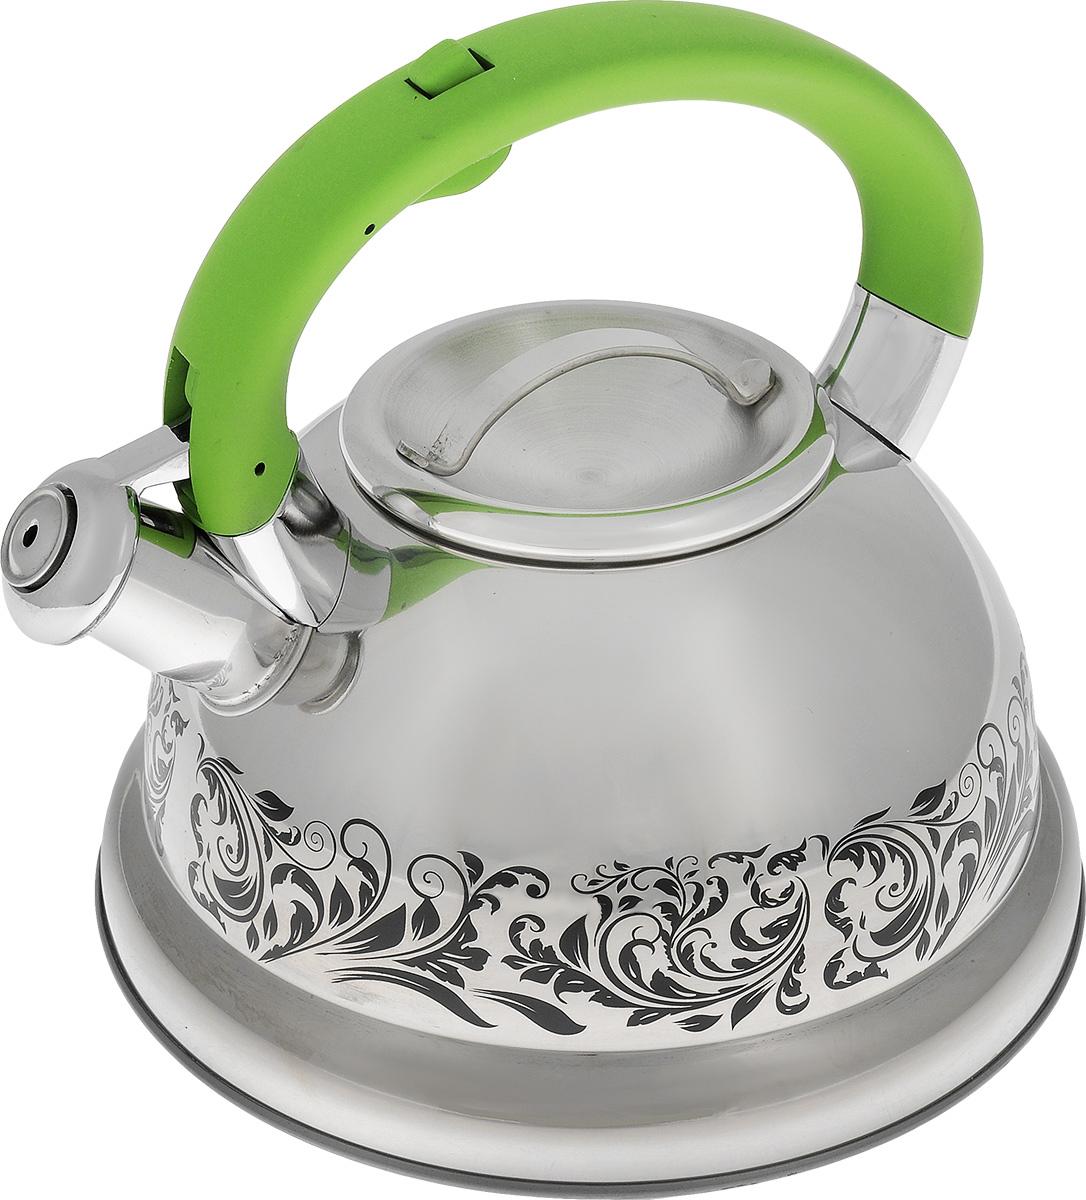 Чайник Mayer & Boch, со свистком, цвет: стальной, зеленый, 2,6 л. 23415 чайник mayer & boch цвет стальной бирюзовый золотой 4 л 1046a